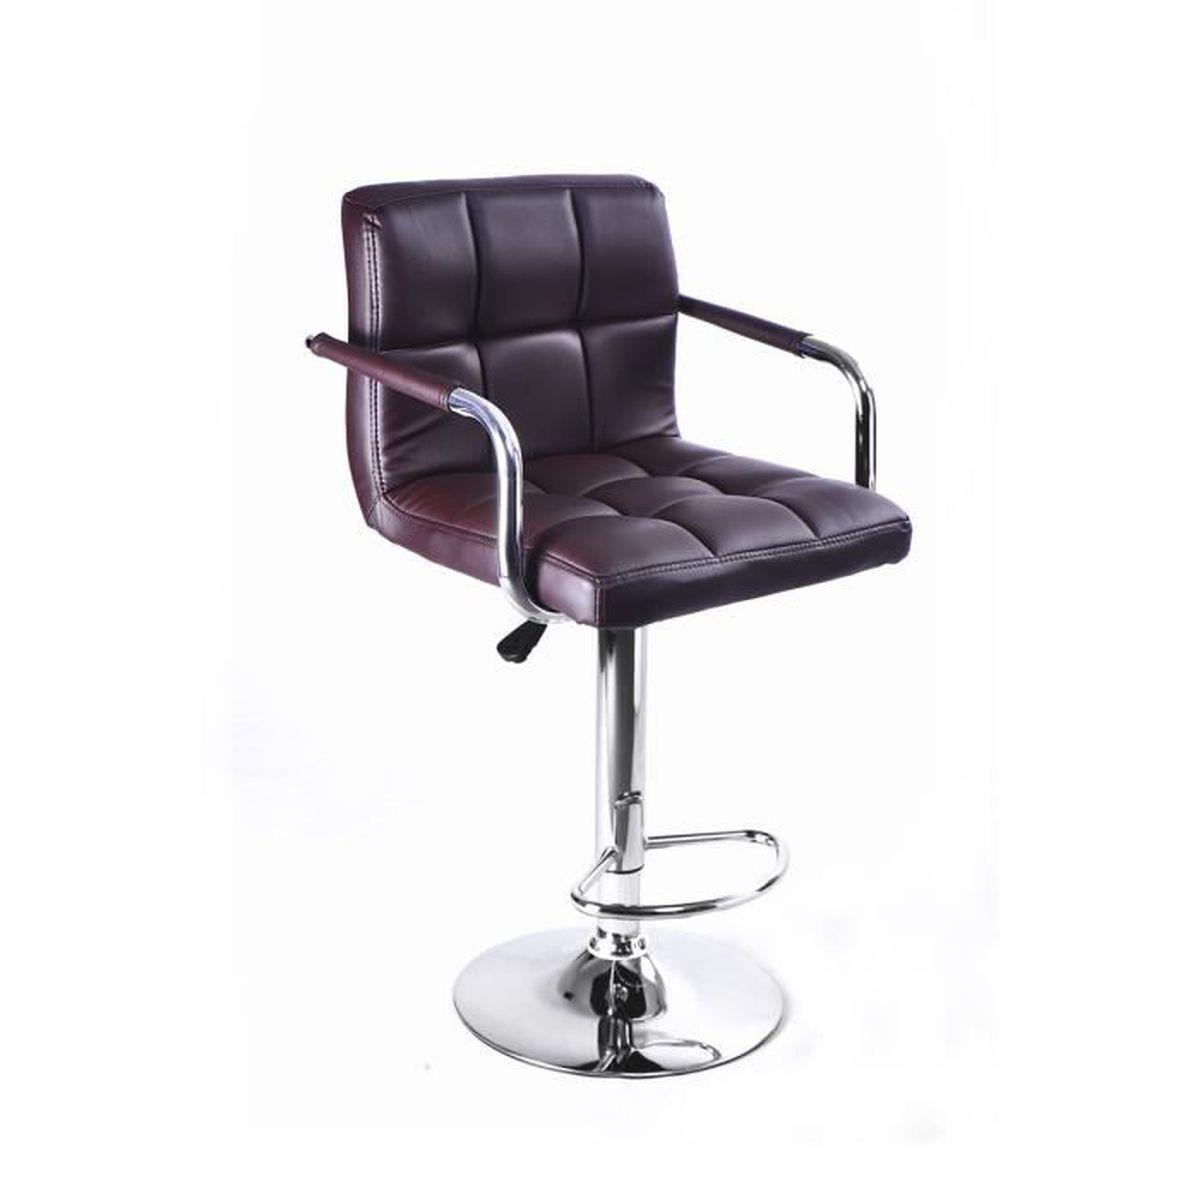 1pc tabouret de bar carreaux avec accoudoir chaise. Black Bedroom Furniture Sets. Home Design Ideas